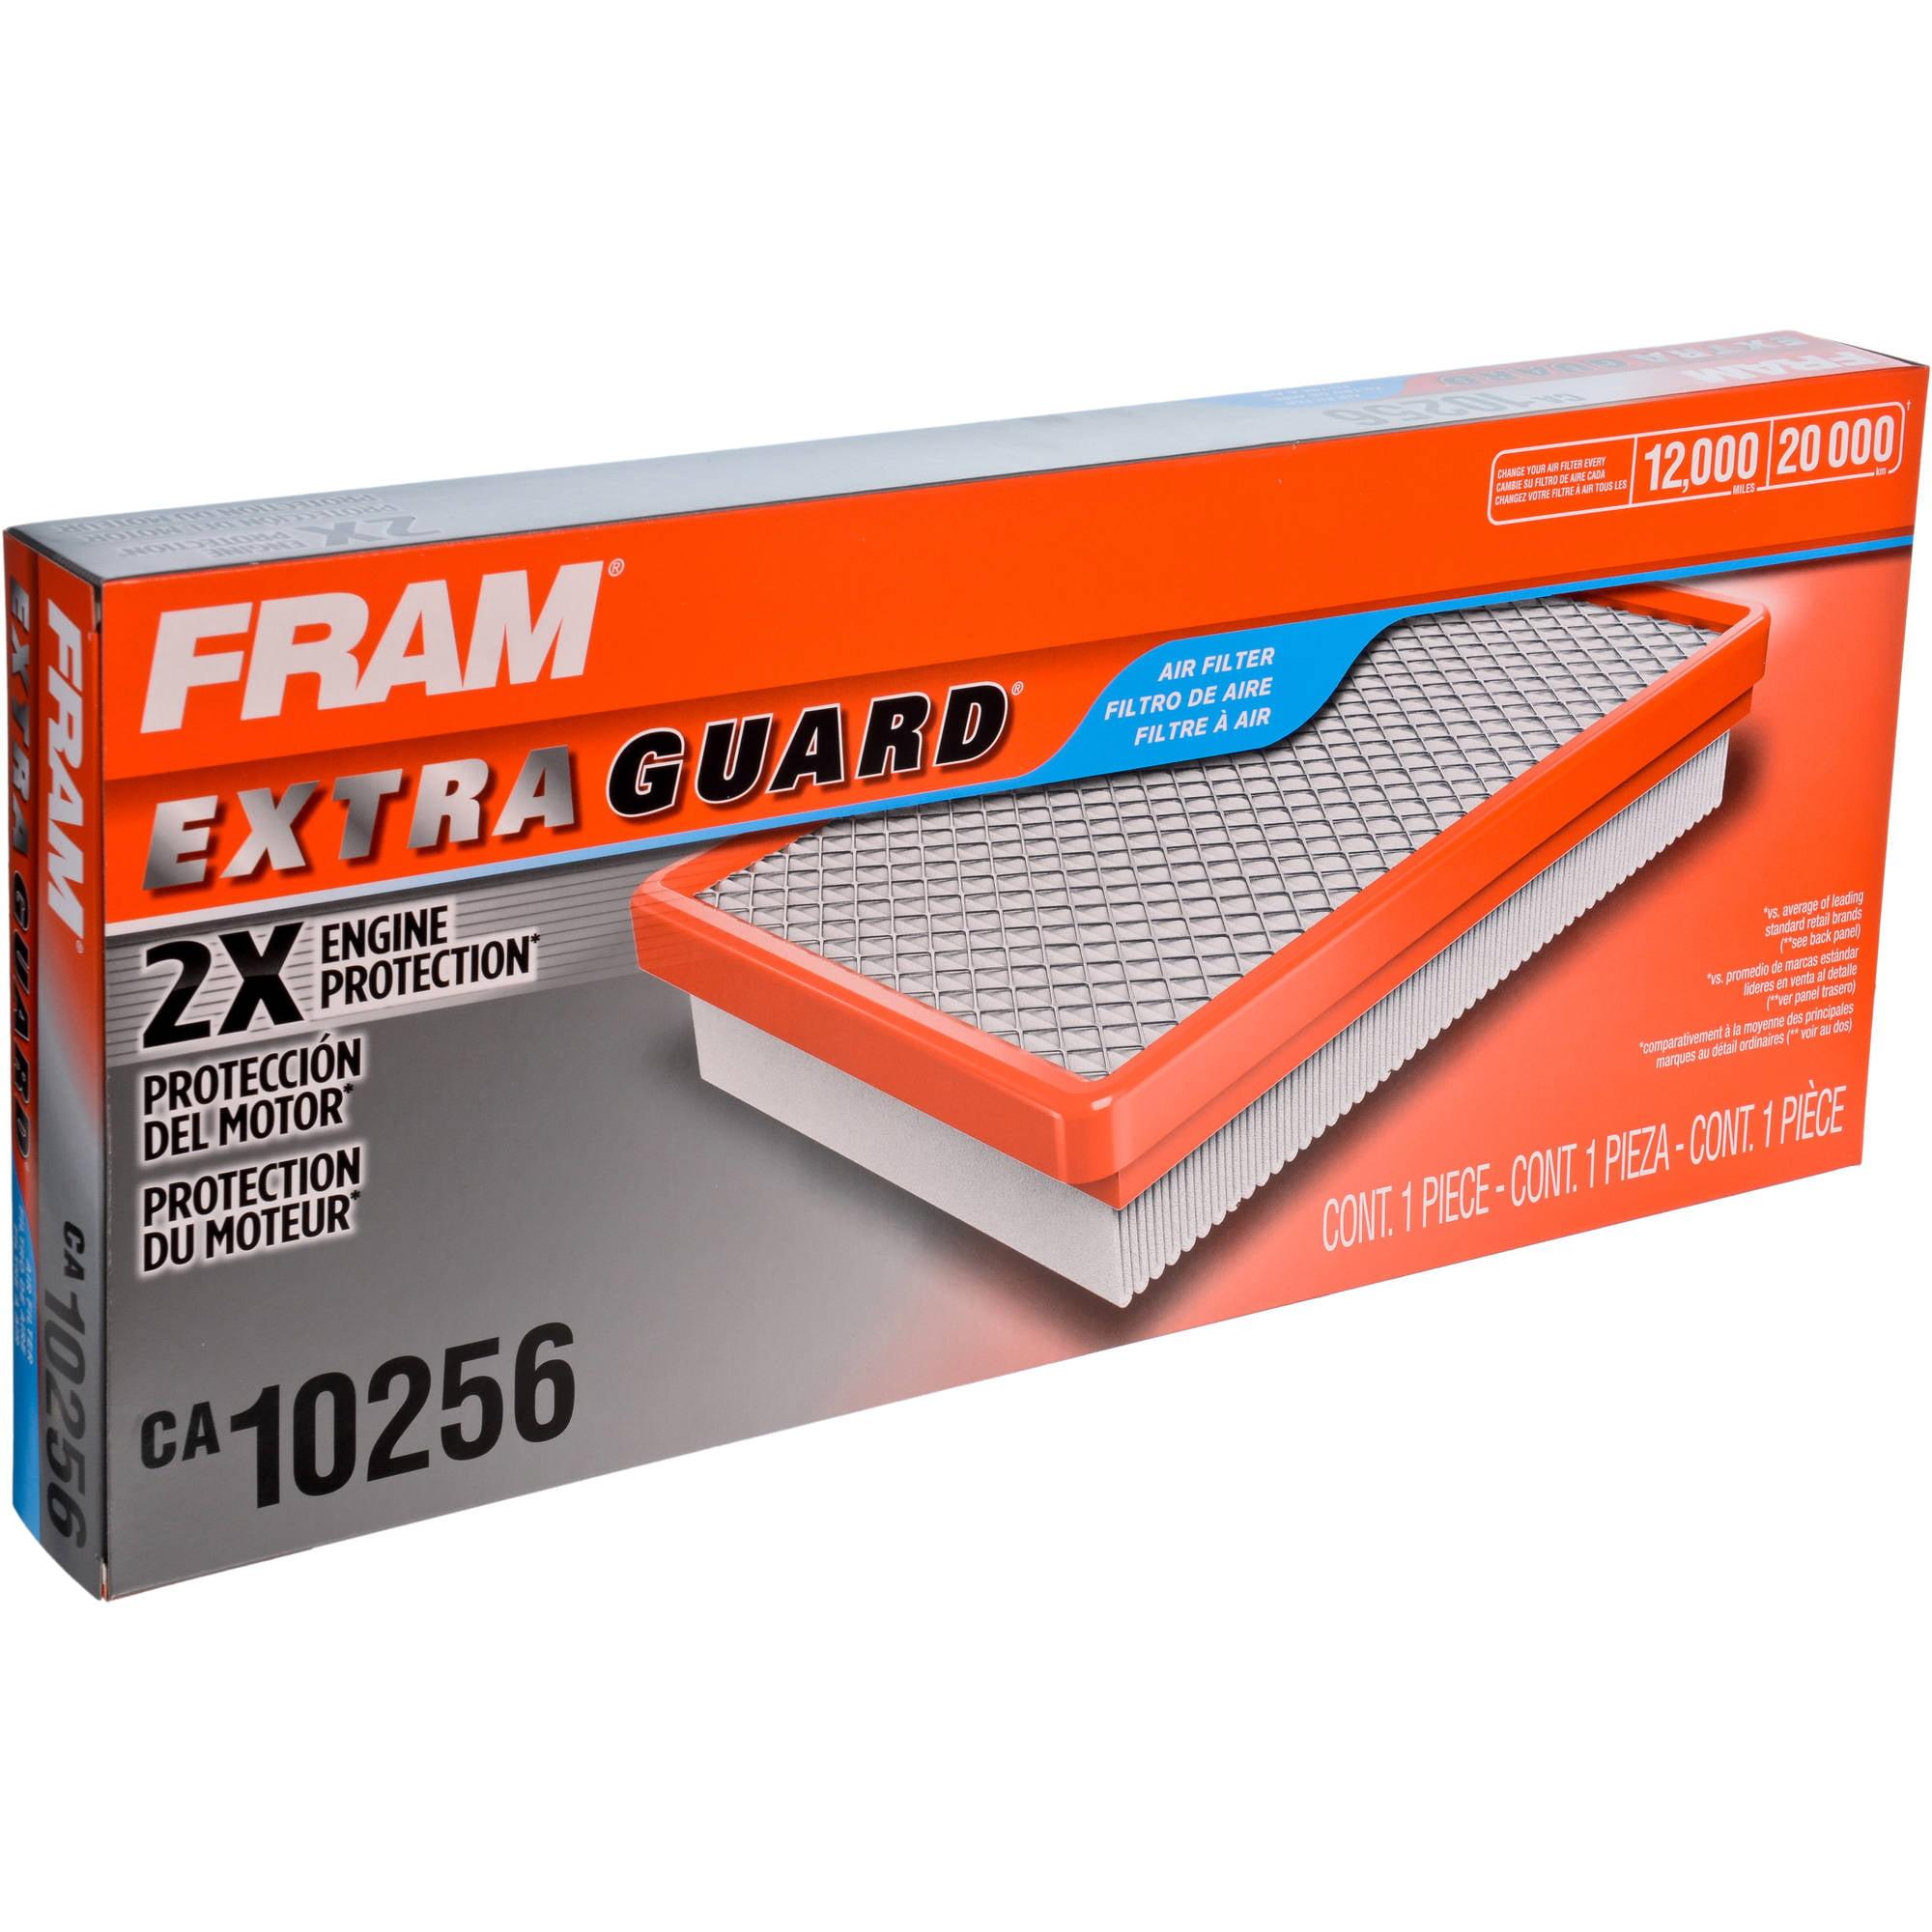 FRAM Extra Guard Air Filter, CA10256 by FRAM